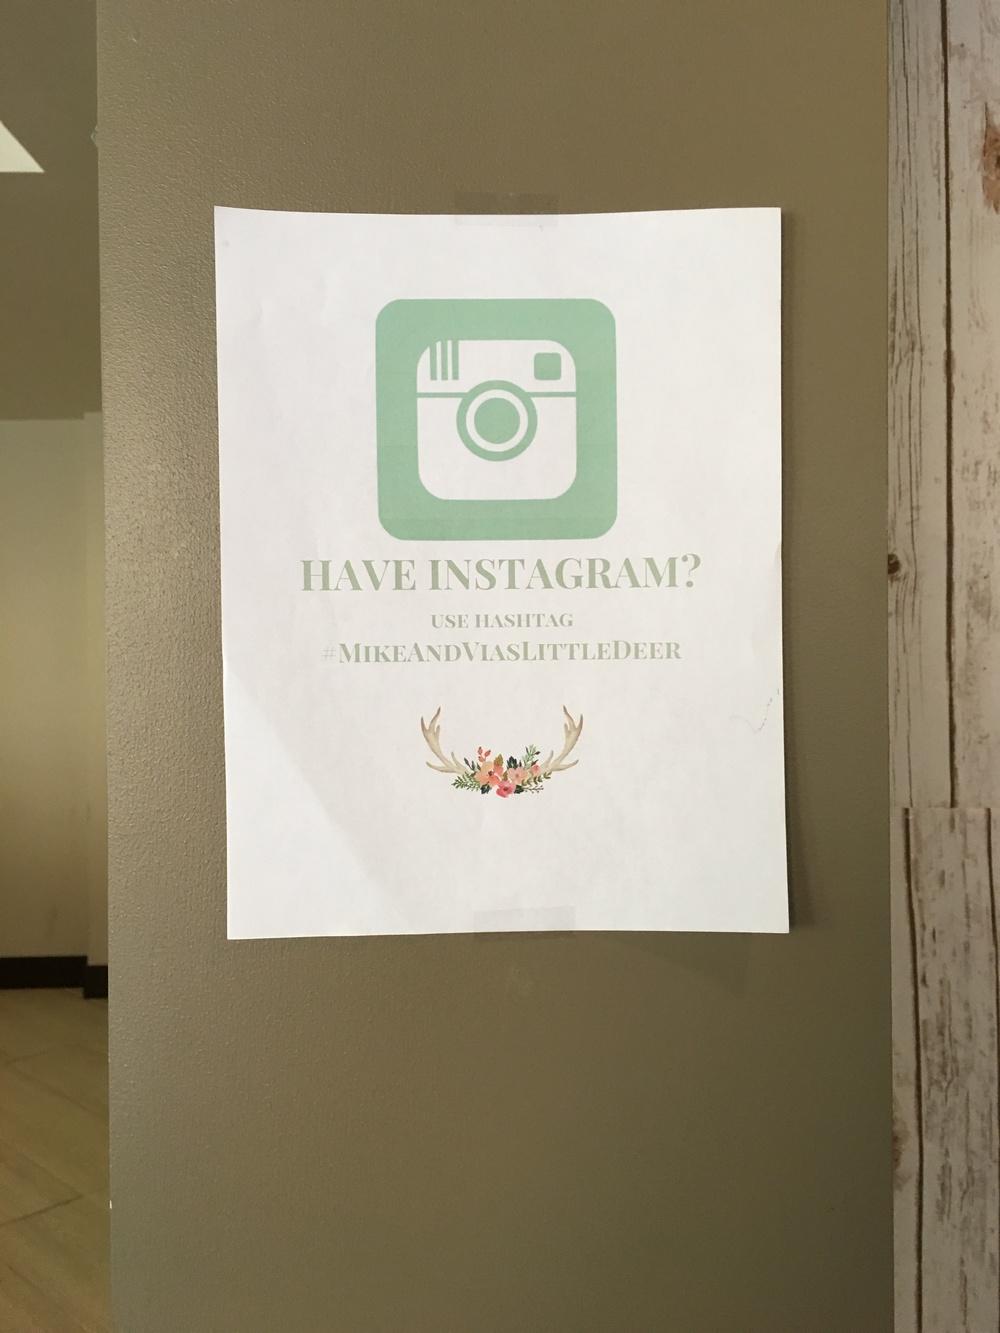 Hashtag for the photobooth. #MikeAndViasLittleDeer